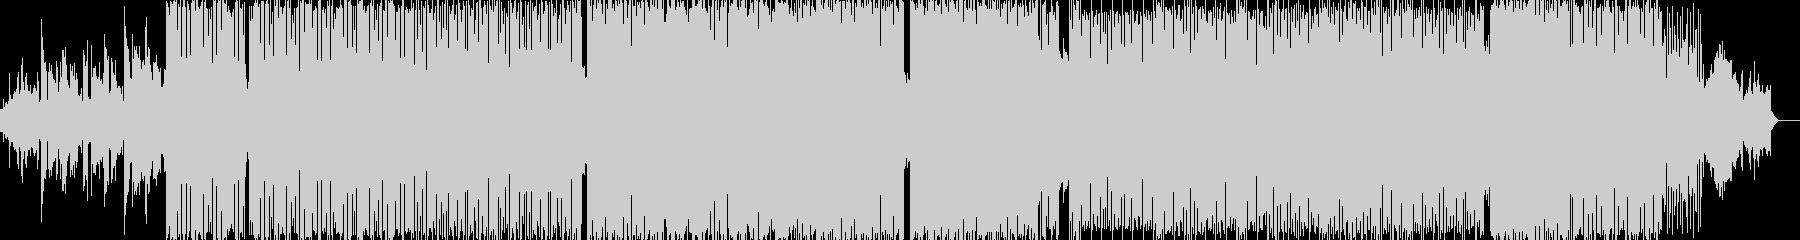 アナログリズムマシンがアクセントの曲の未再生の波形